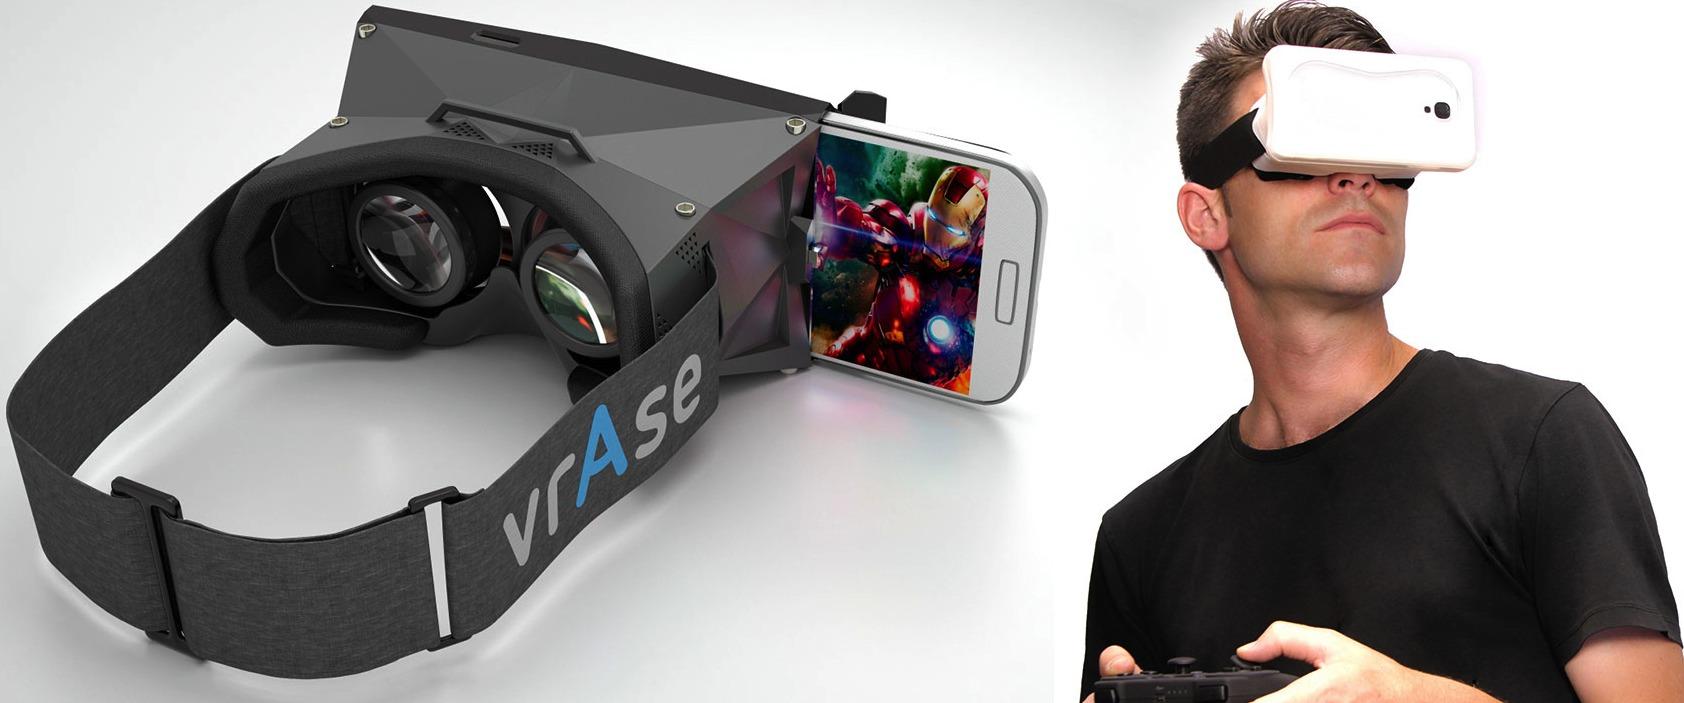 Очки виртуальной реальности для samsung galaxy s5 держатель смартфона iphone (айфон) spark как закрепить